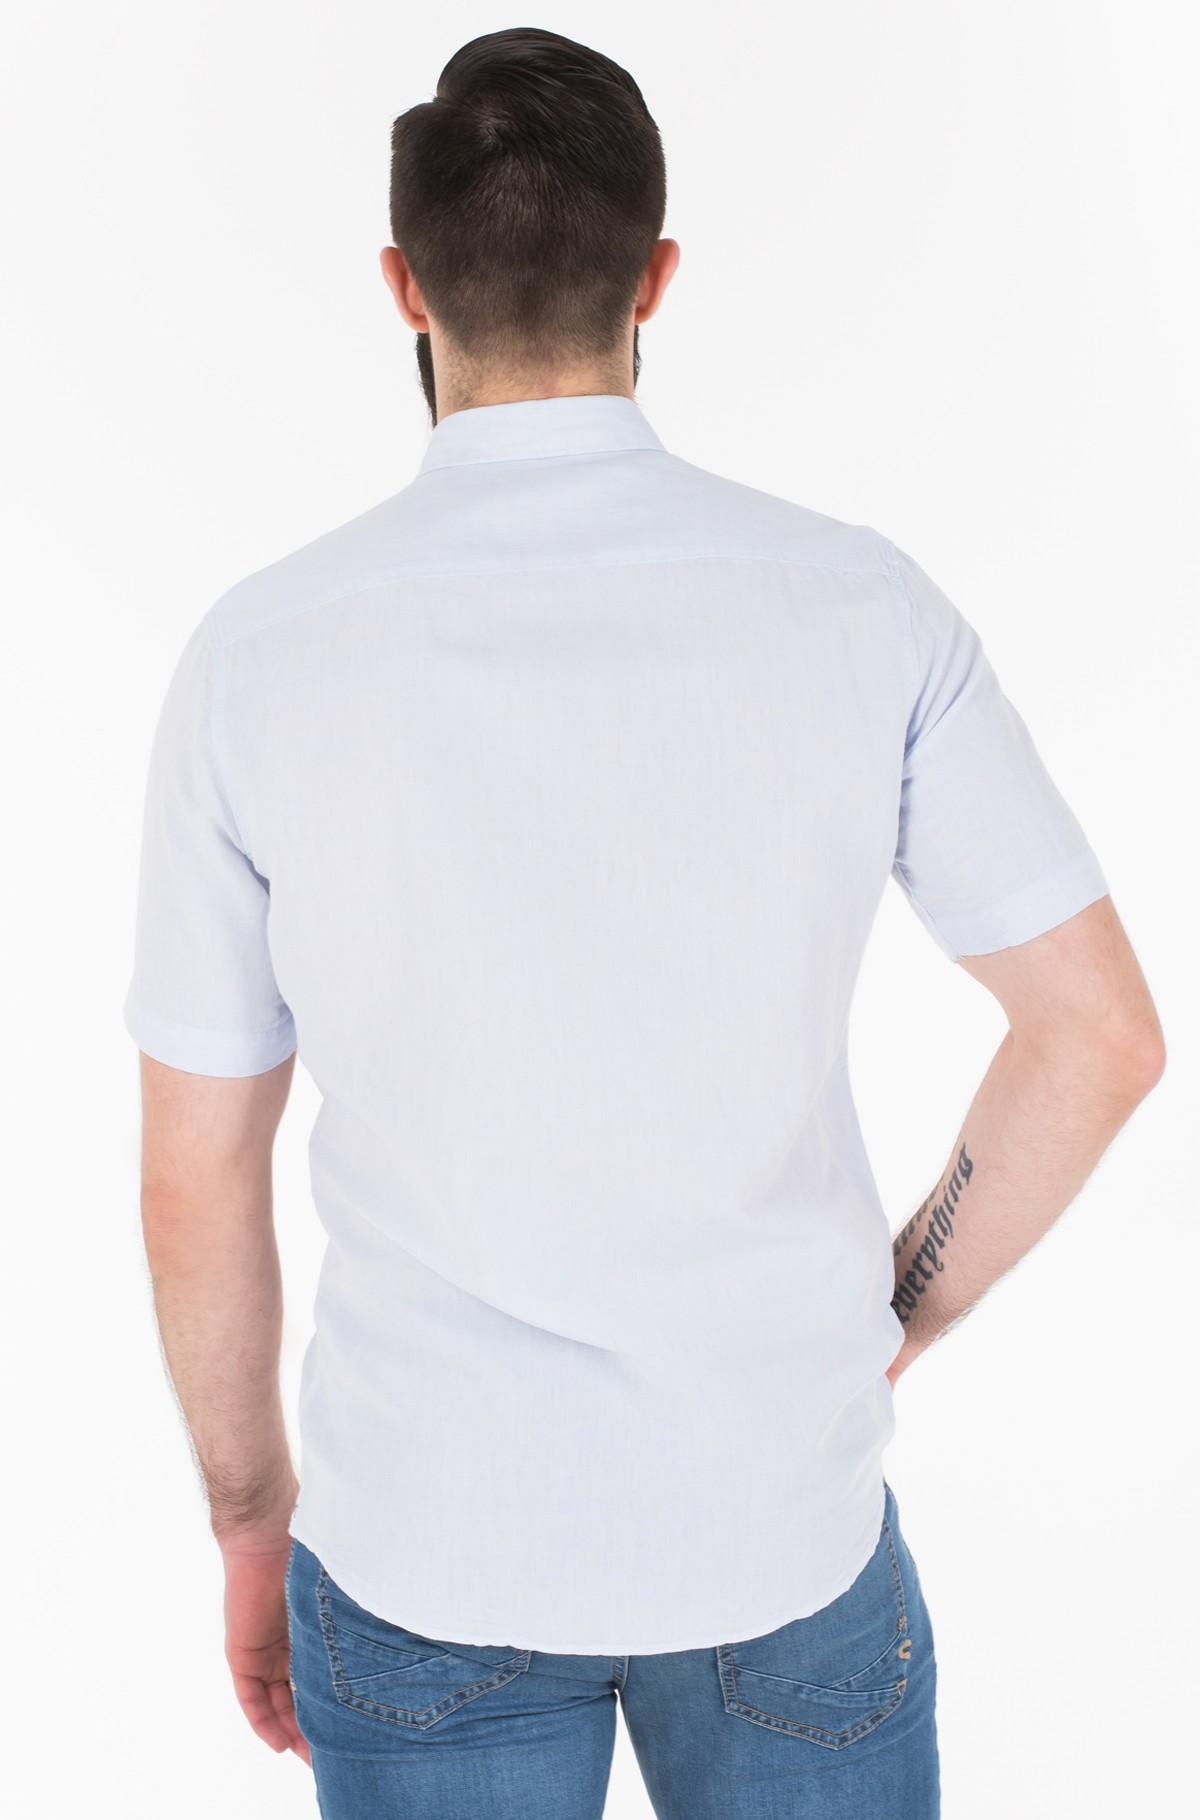 Marškiniai su trumpomis rankovėmis 53911-26731-full-2